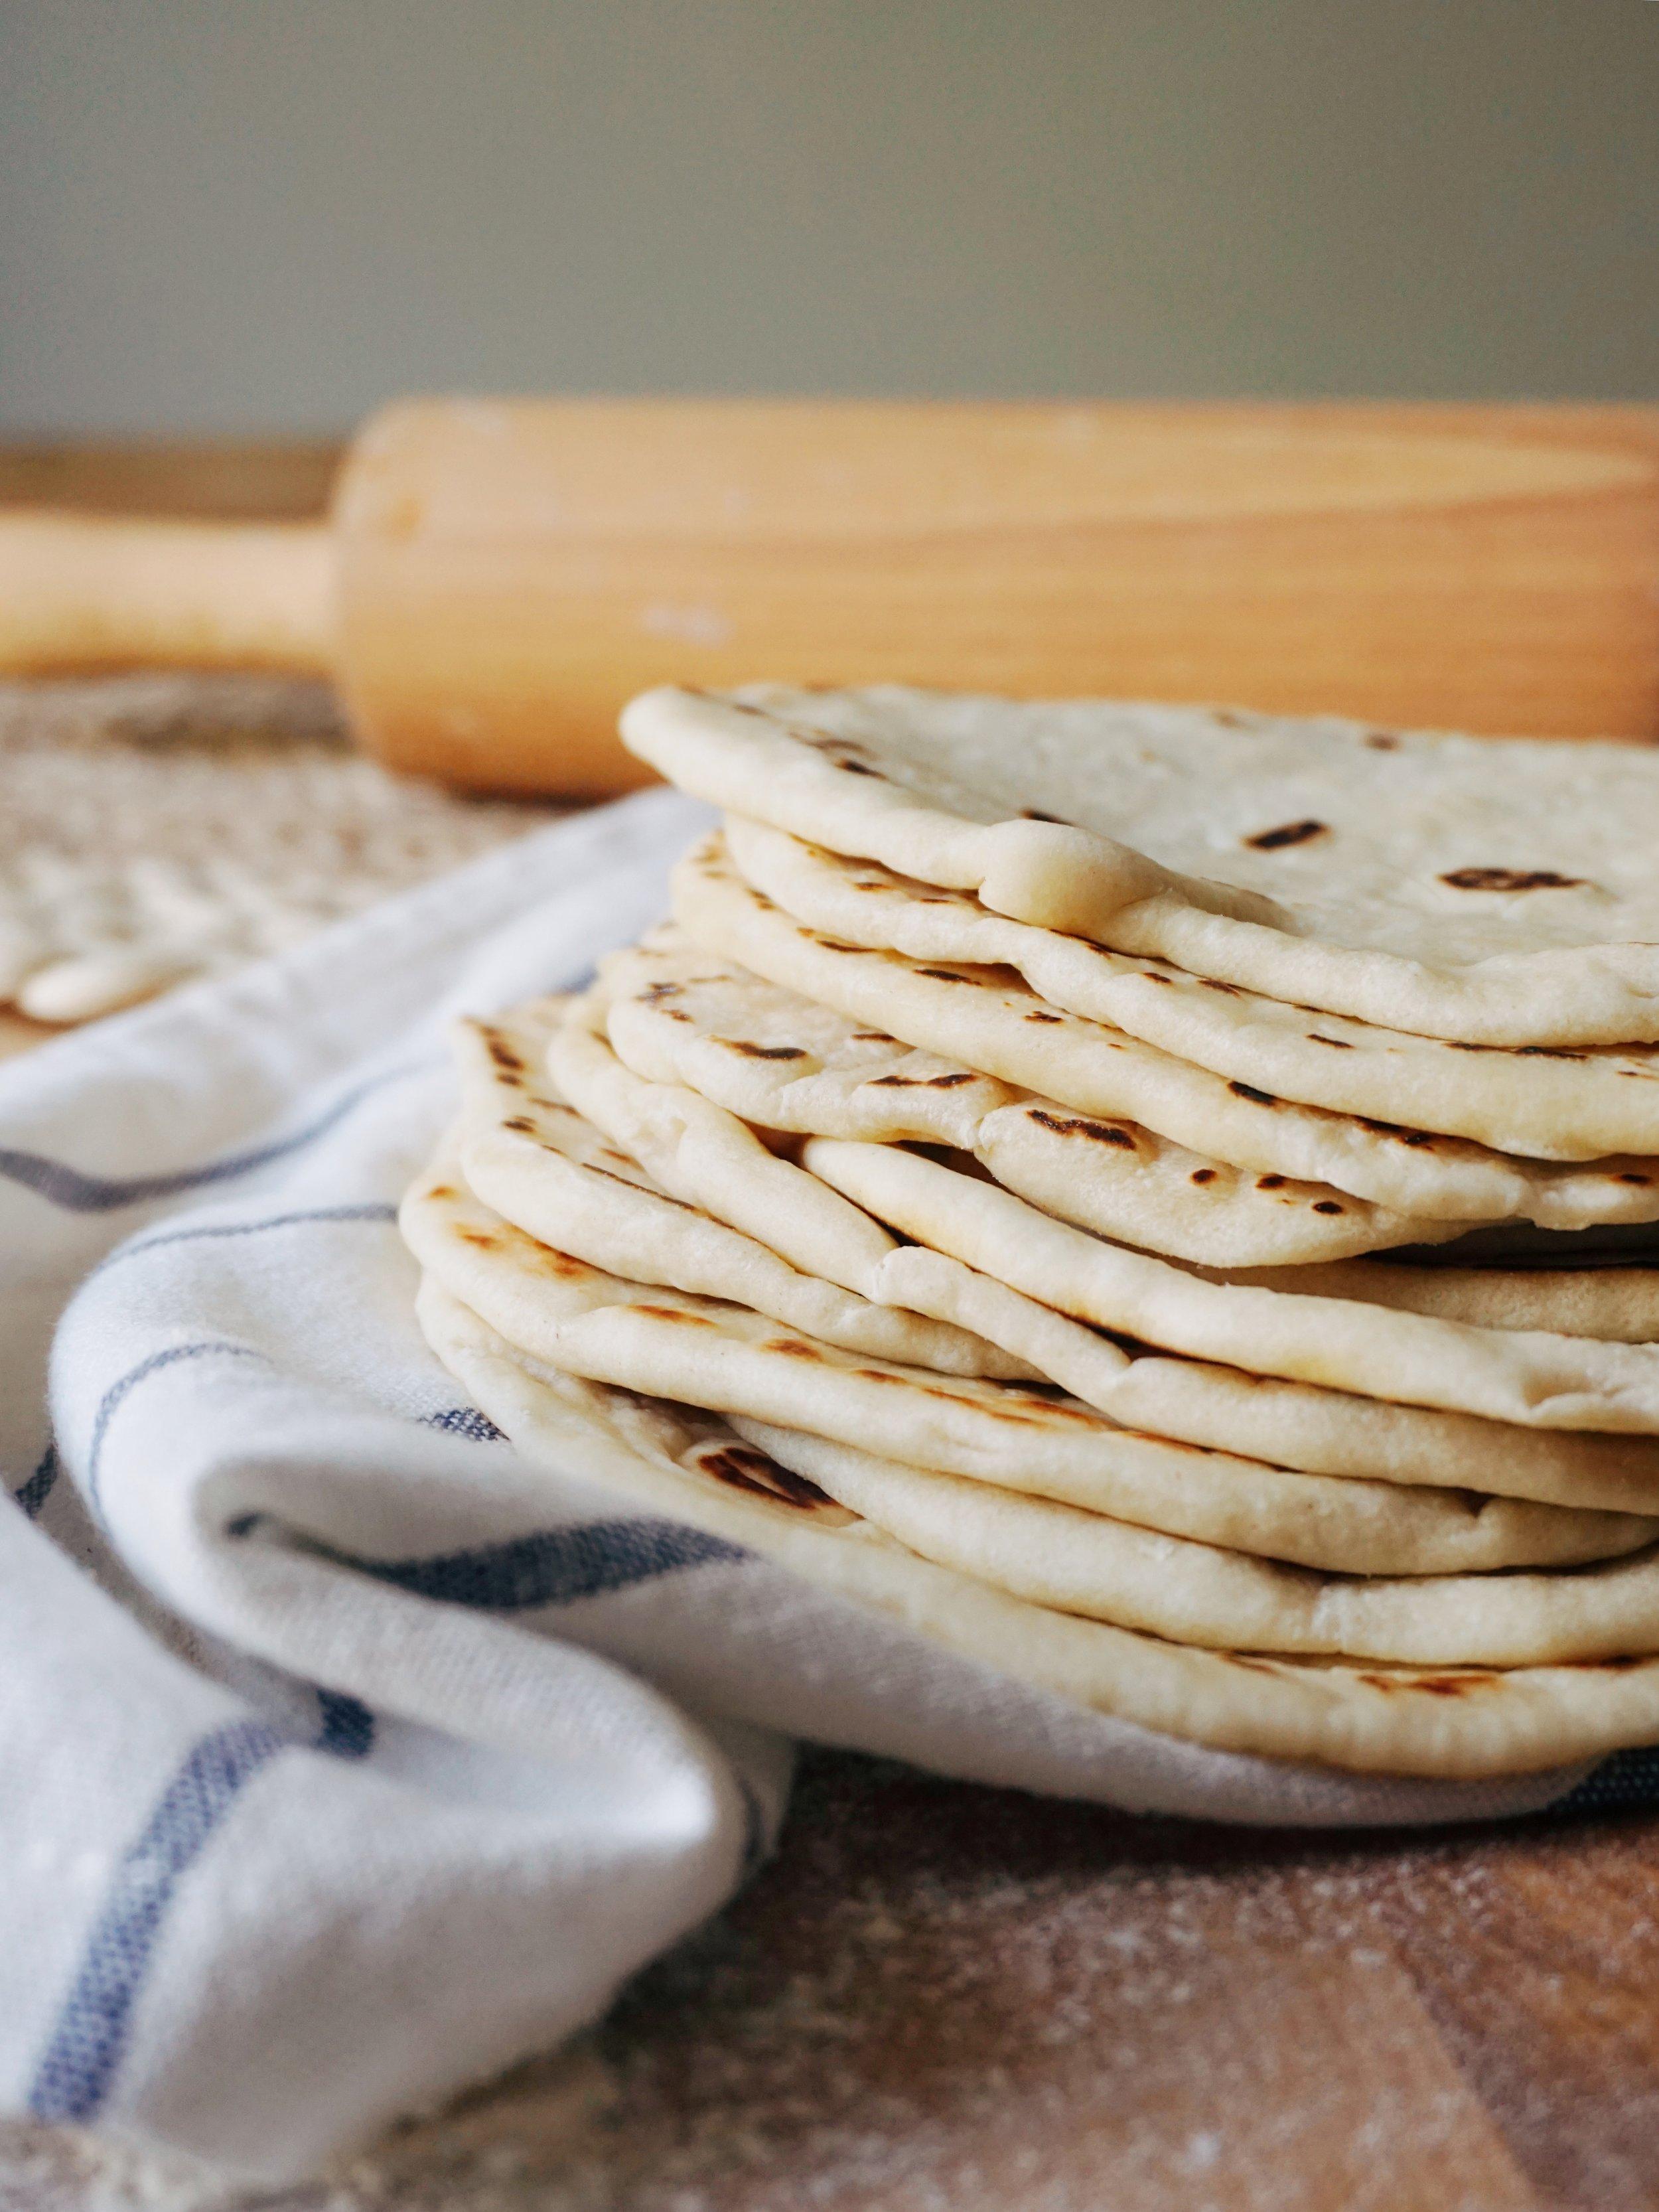 tortillas maizītes - aizmirsi veikalā nopirkt tortillas maizītes, bet pildījums jau gatavs? apsolu, ka tās pavisam aši vari uzcept mājās un jau gatavas sasaldēt nākamajām reizēm. beigu beigās vienmēr tās būs mājās, kad vien uznāks luste gatavot tako vai tortillas maizītēs sapildīt visas vakariņu sastāvdaļas.